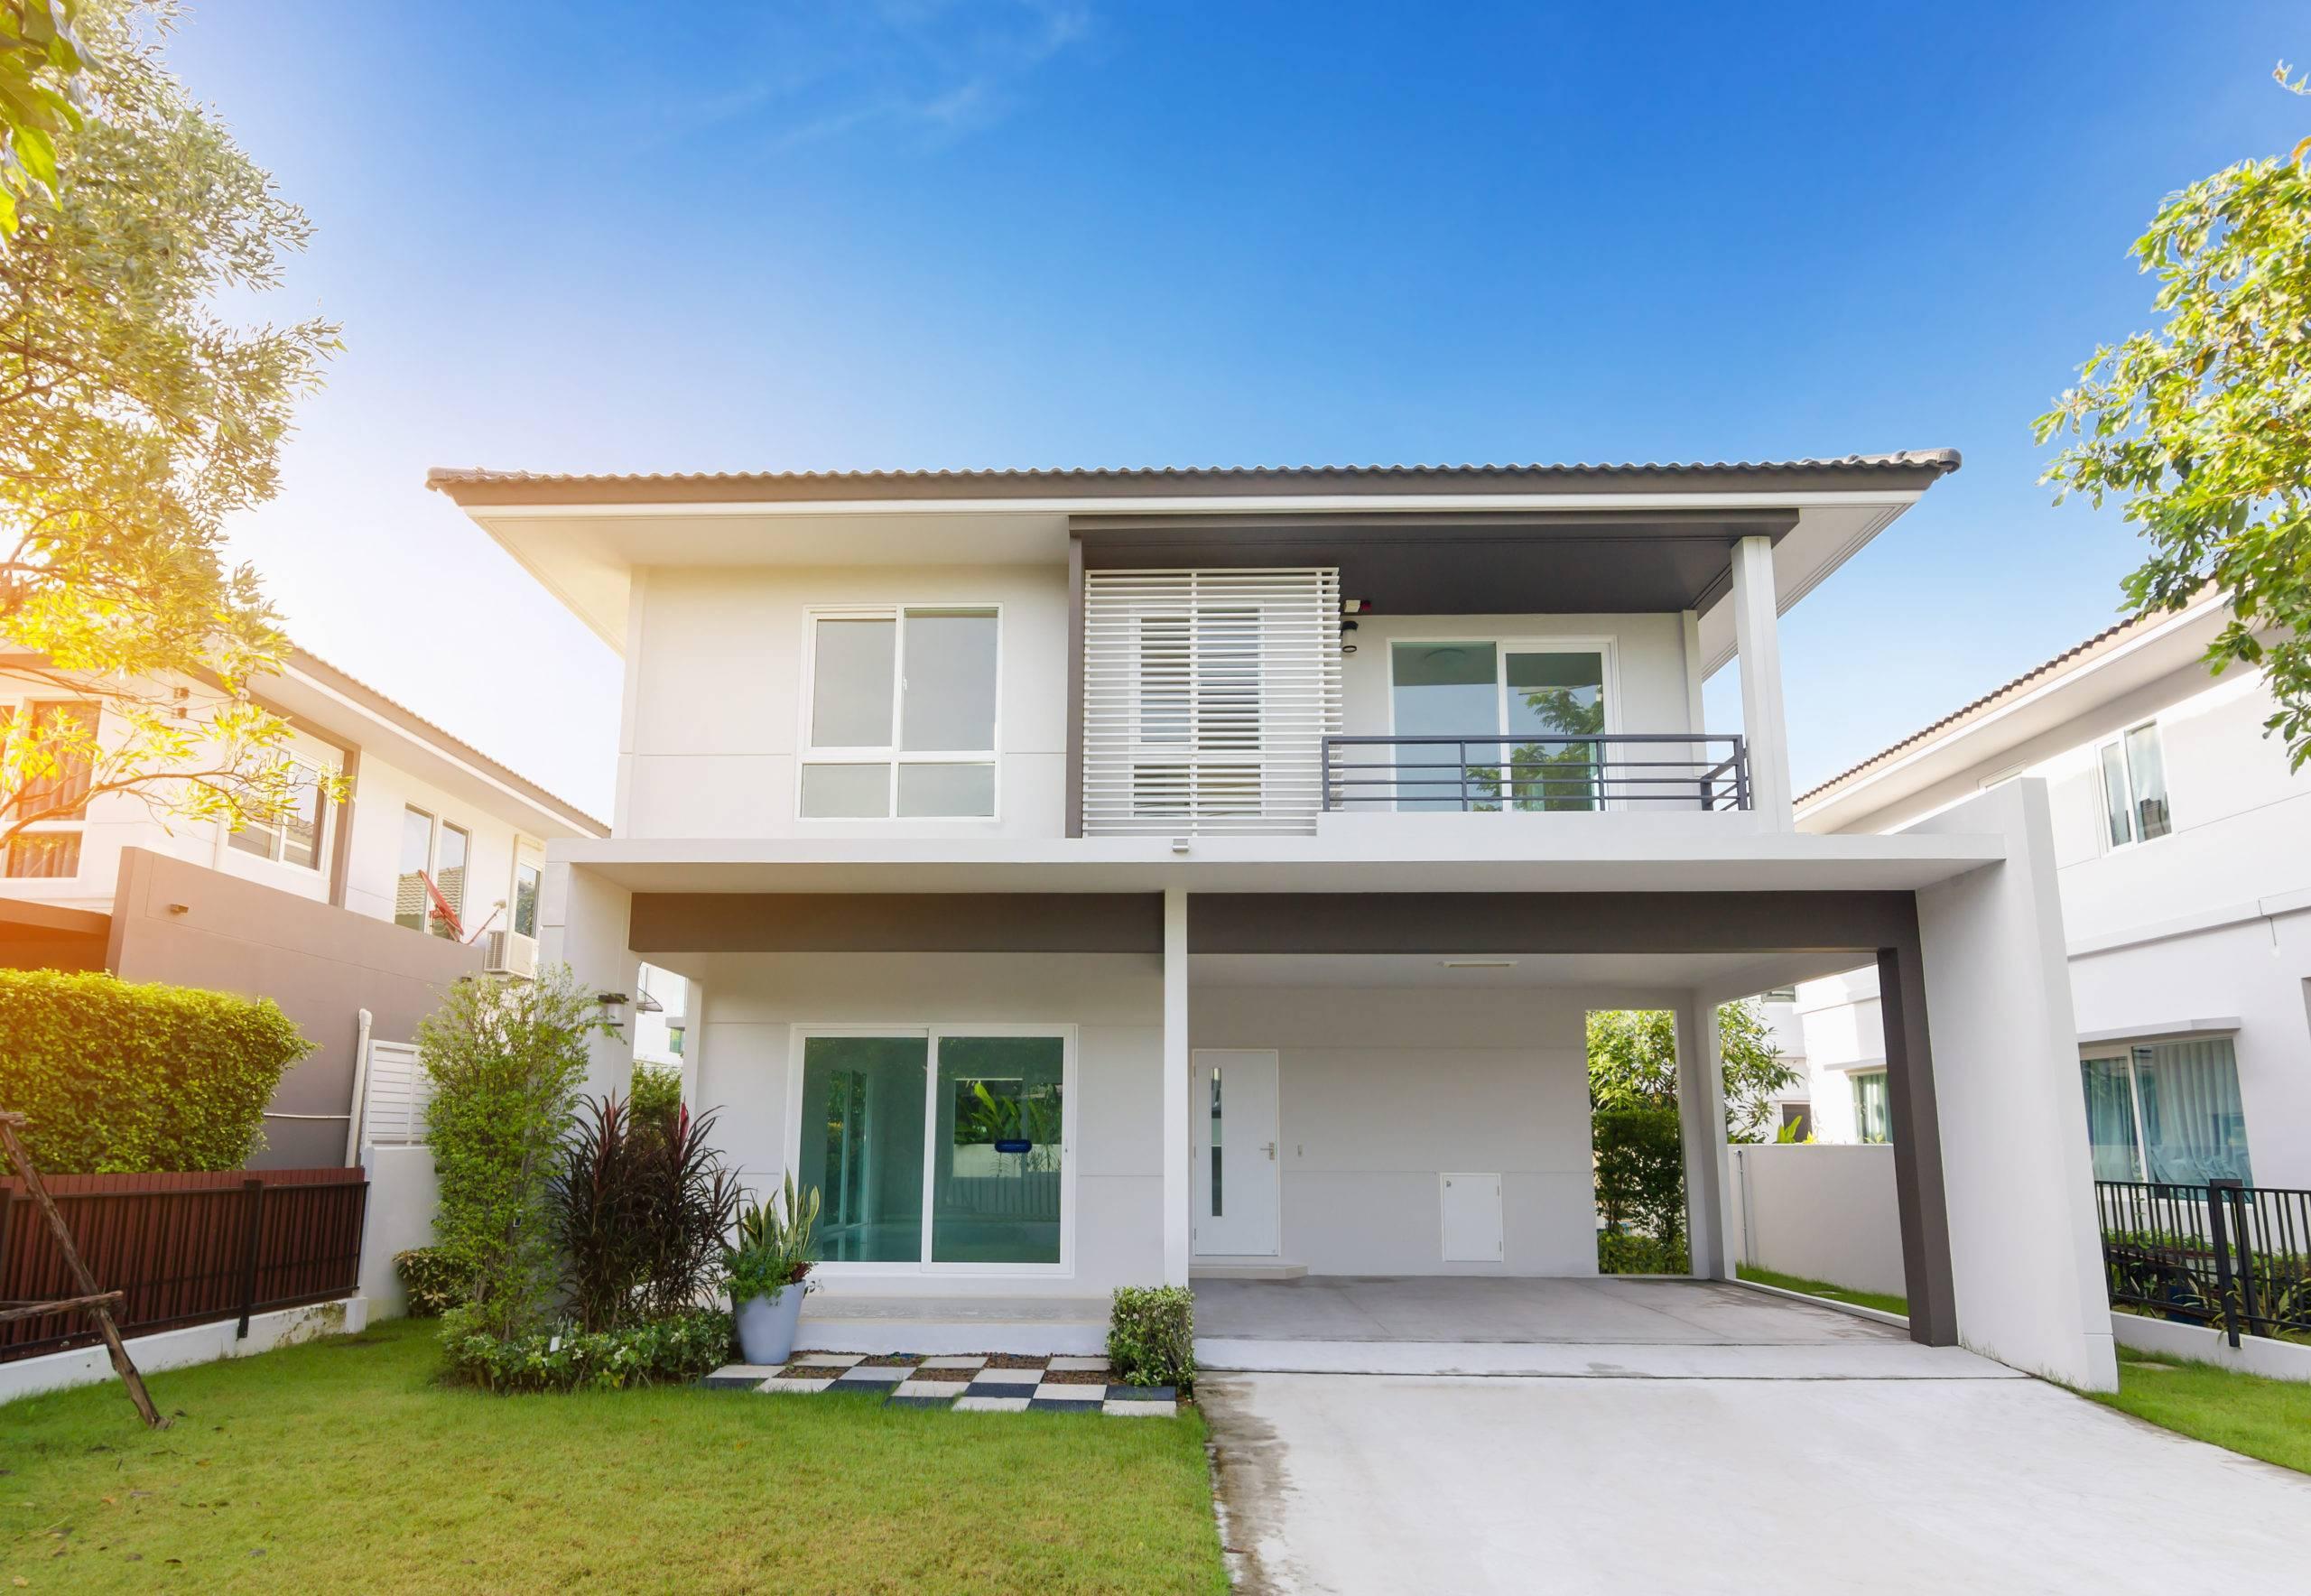 Quais são as etapas de uma obra para construir uma casa?